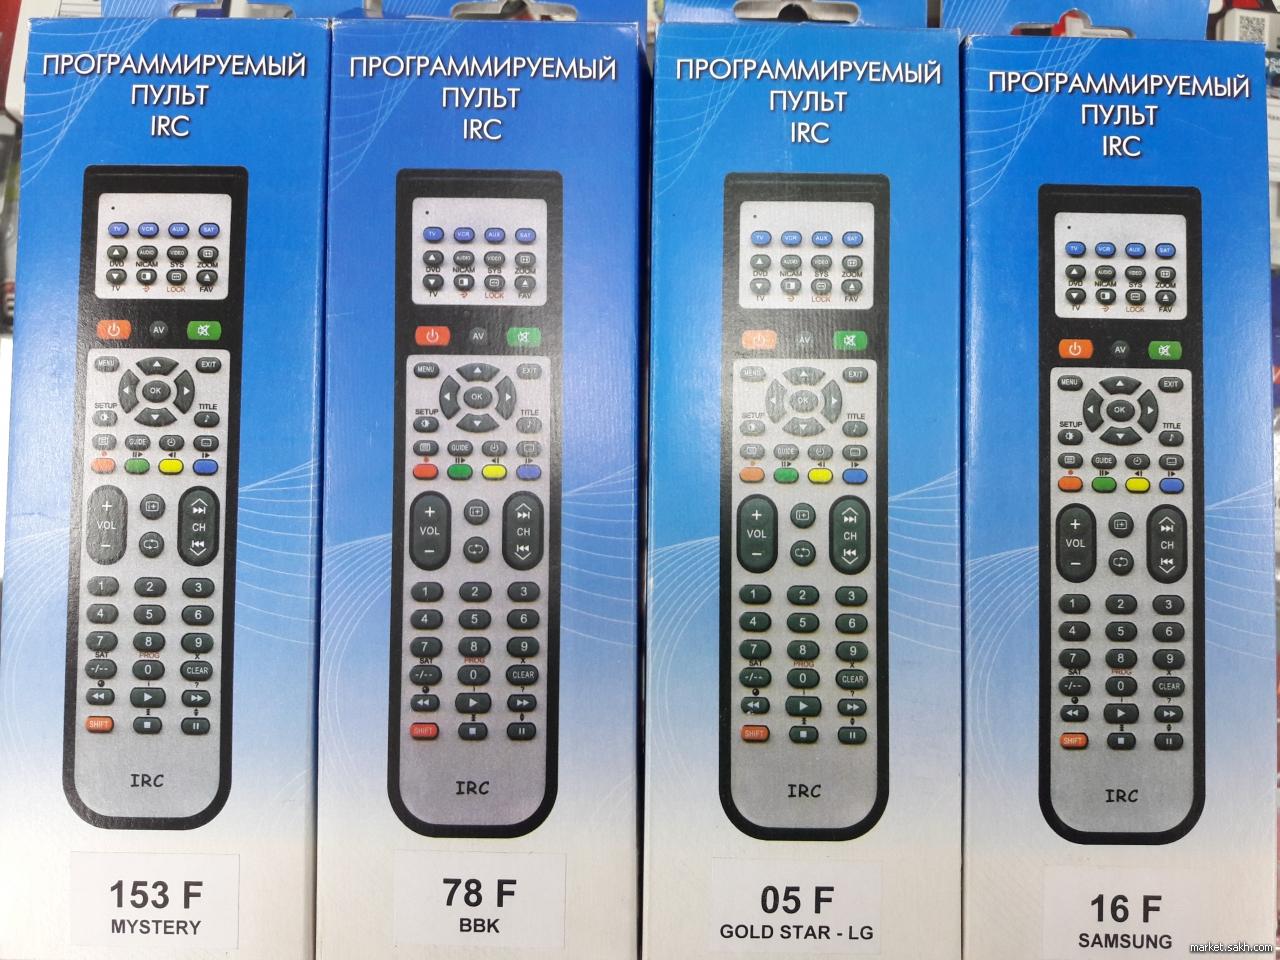 Как сделать универсальный пульт на телевизор